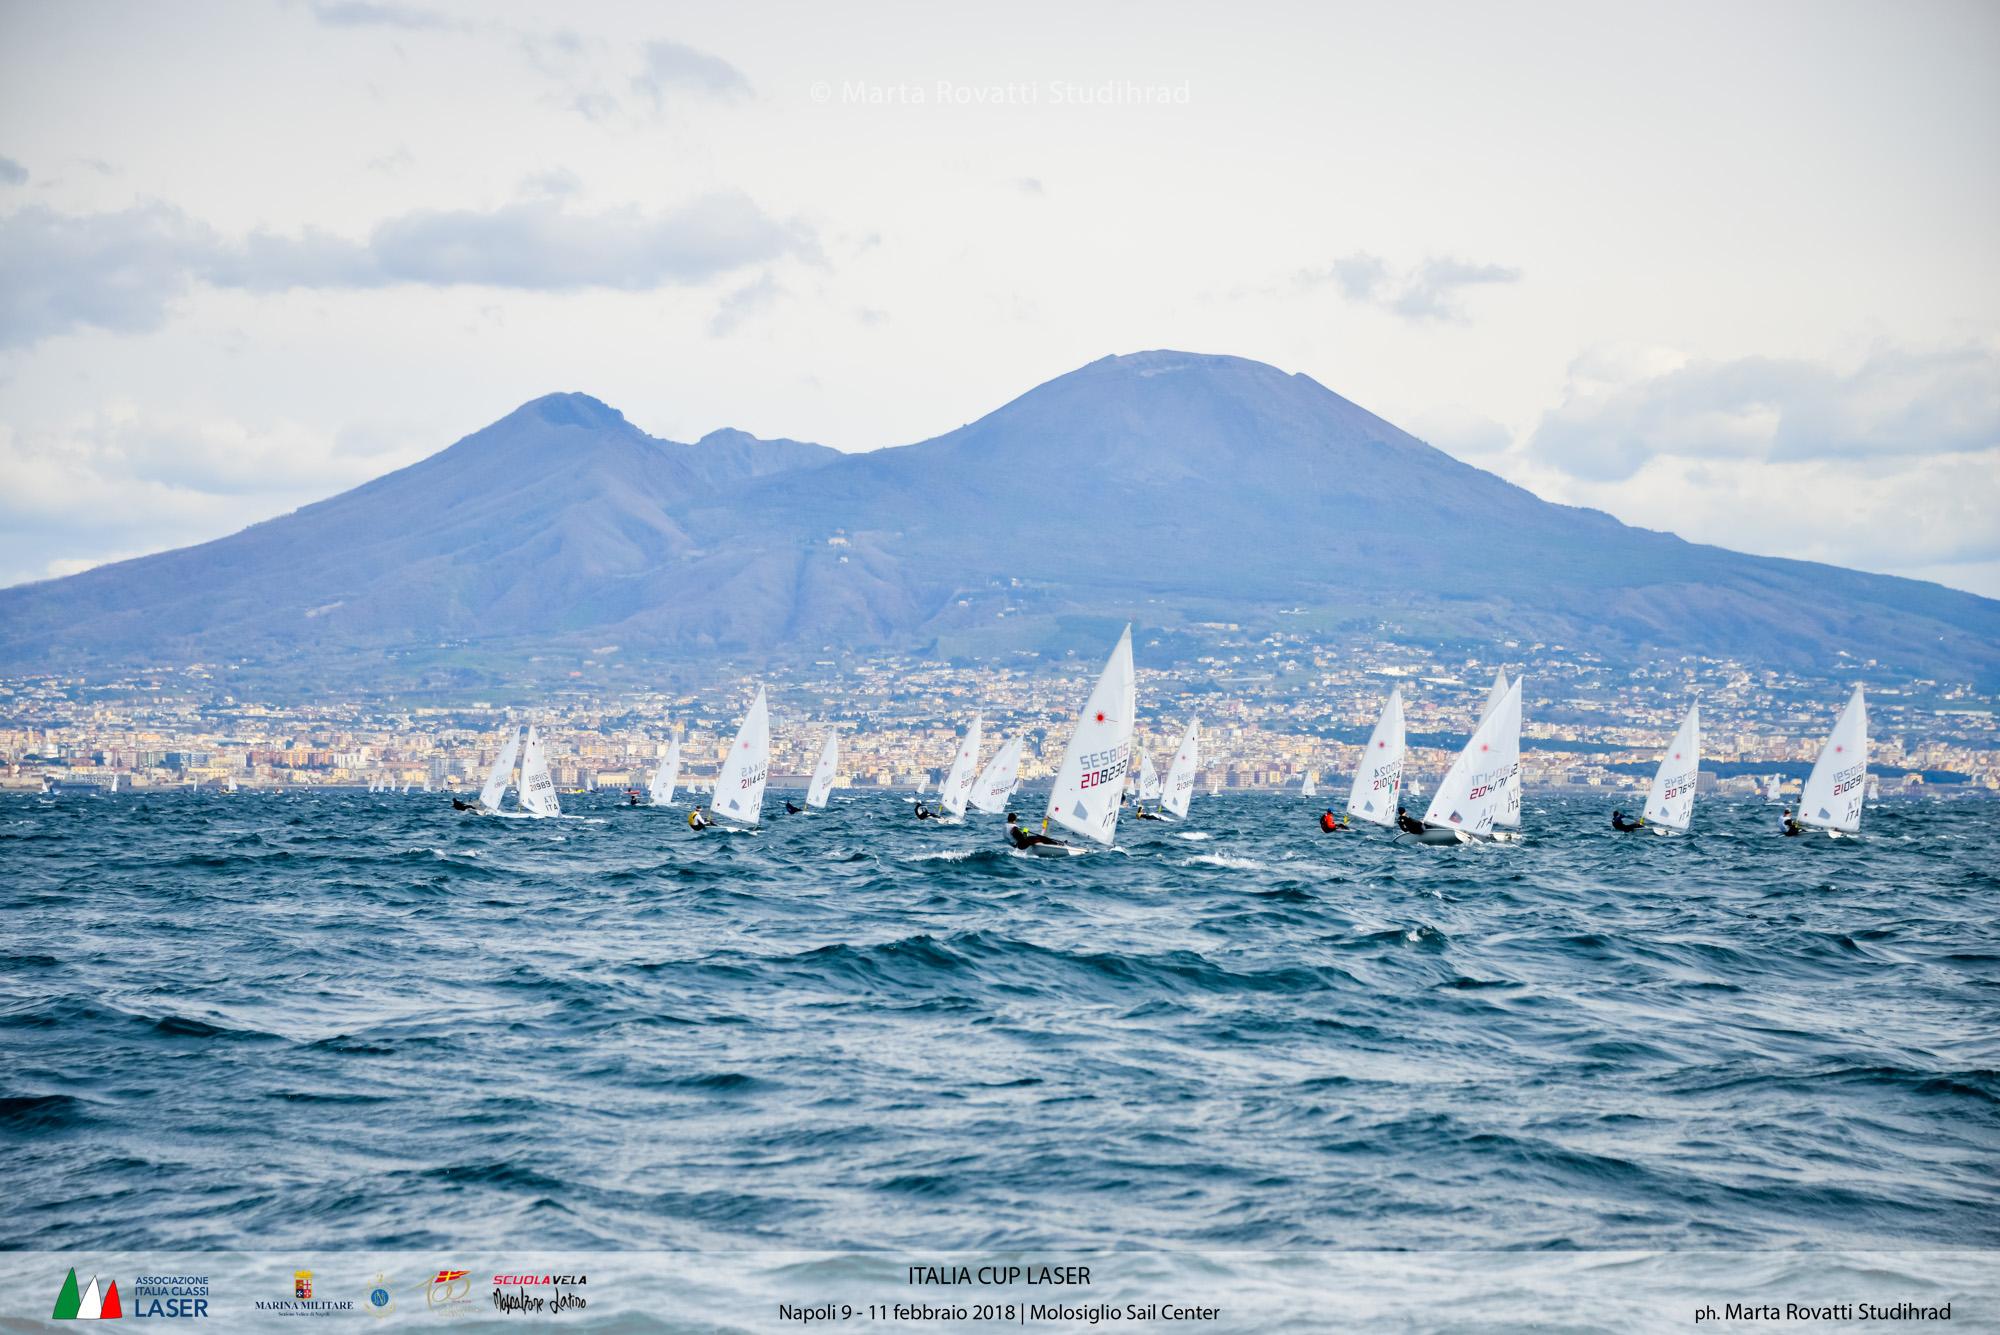 Associazione-Italia-Classi-Laser-2018-NapoliMGR_2397